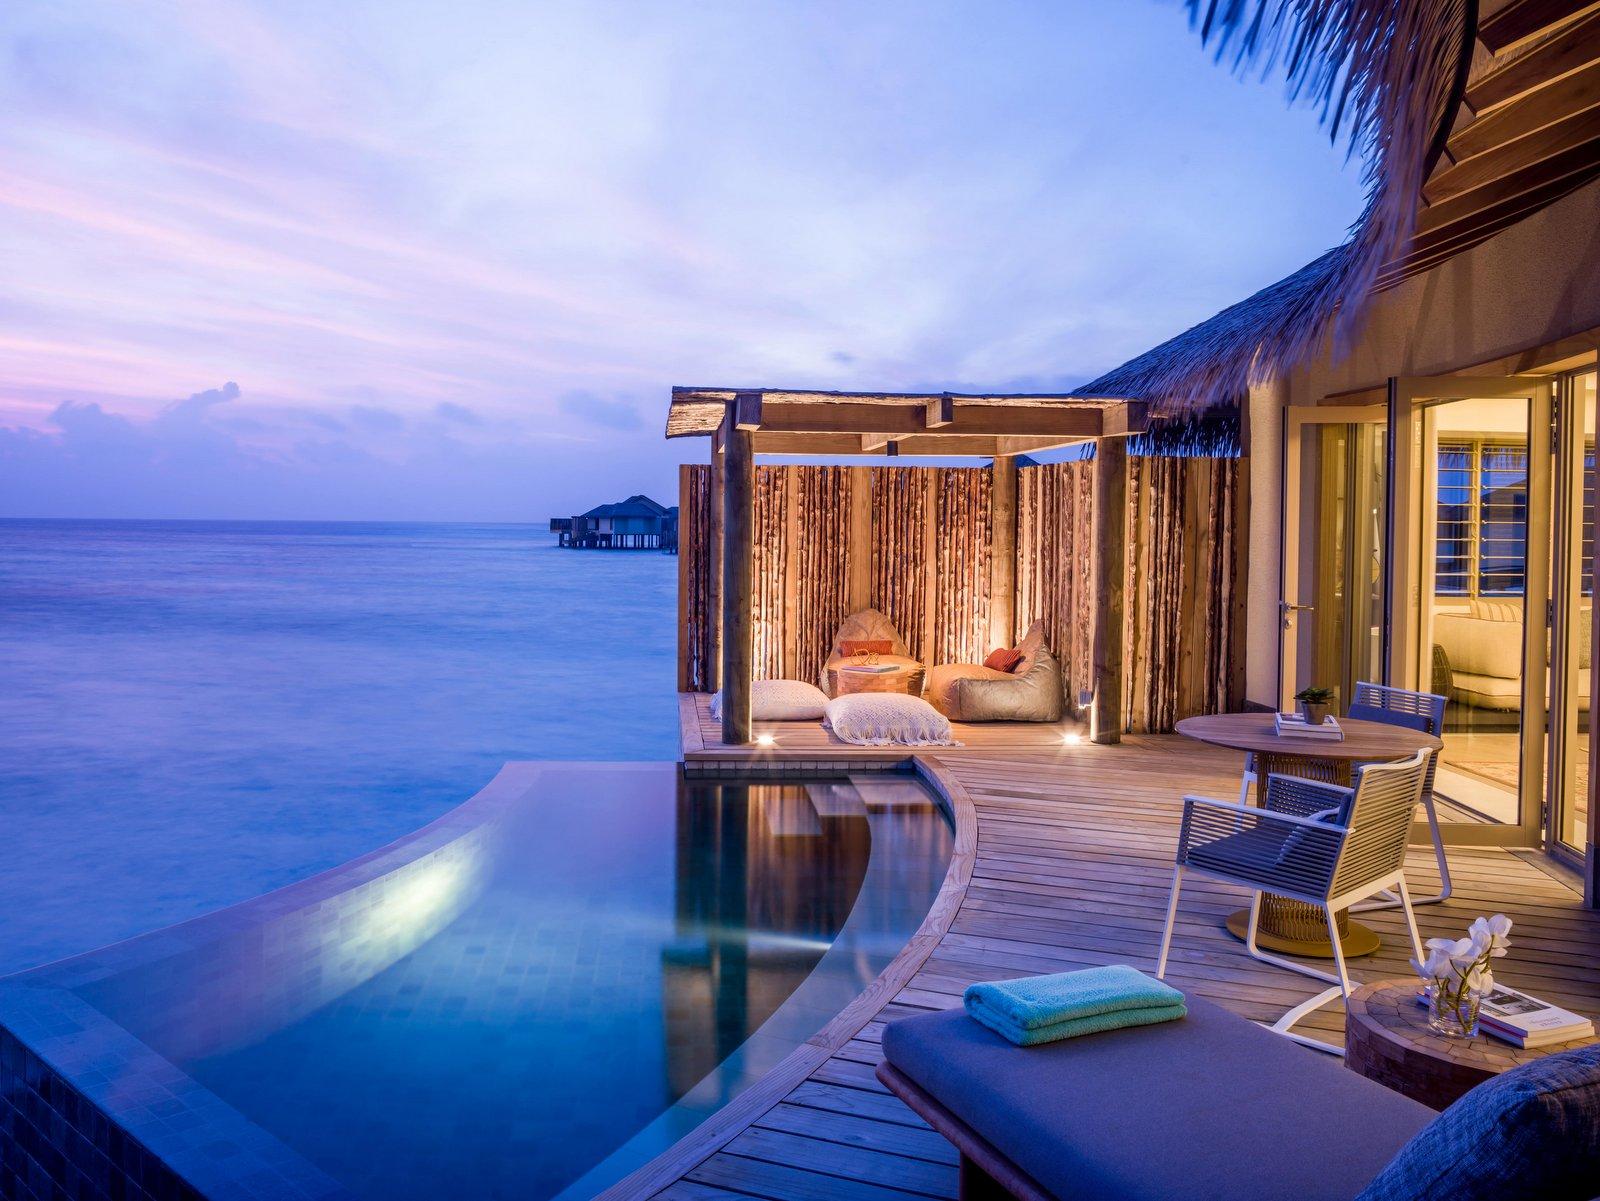 Мальдивы, отель Intercontinental Maldives Maamunagau, номер Overwater Villa with Pool